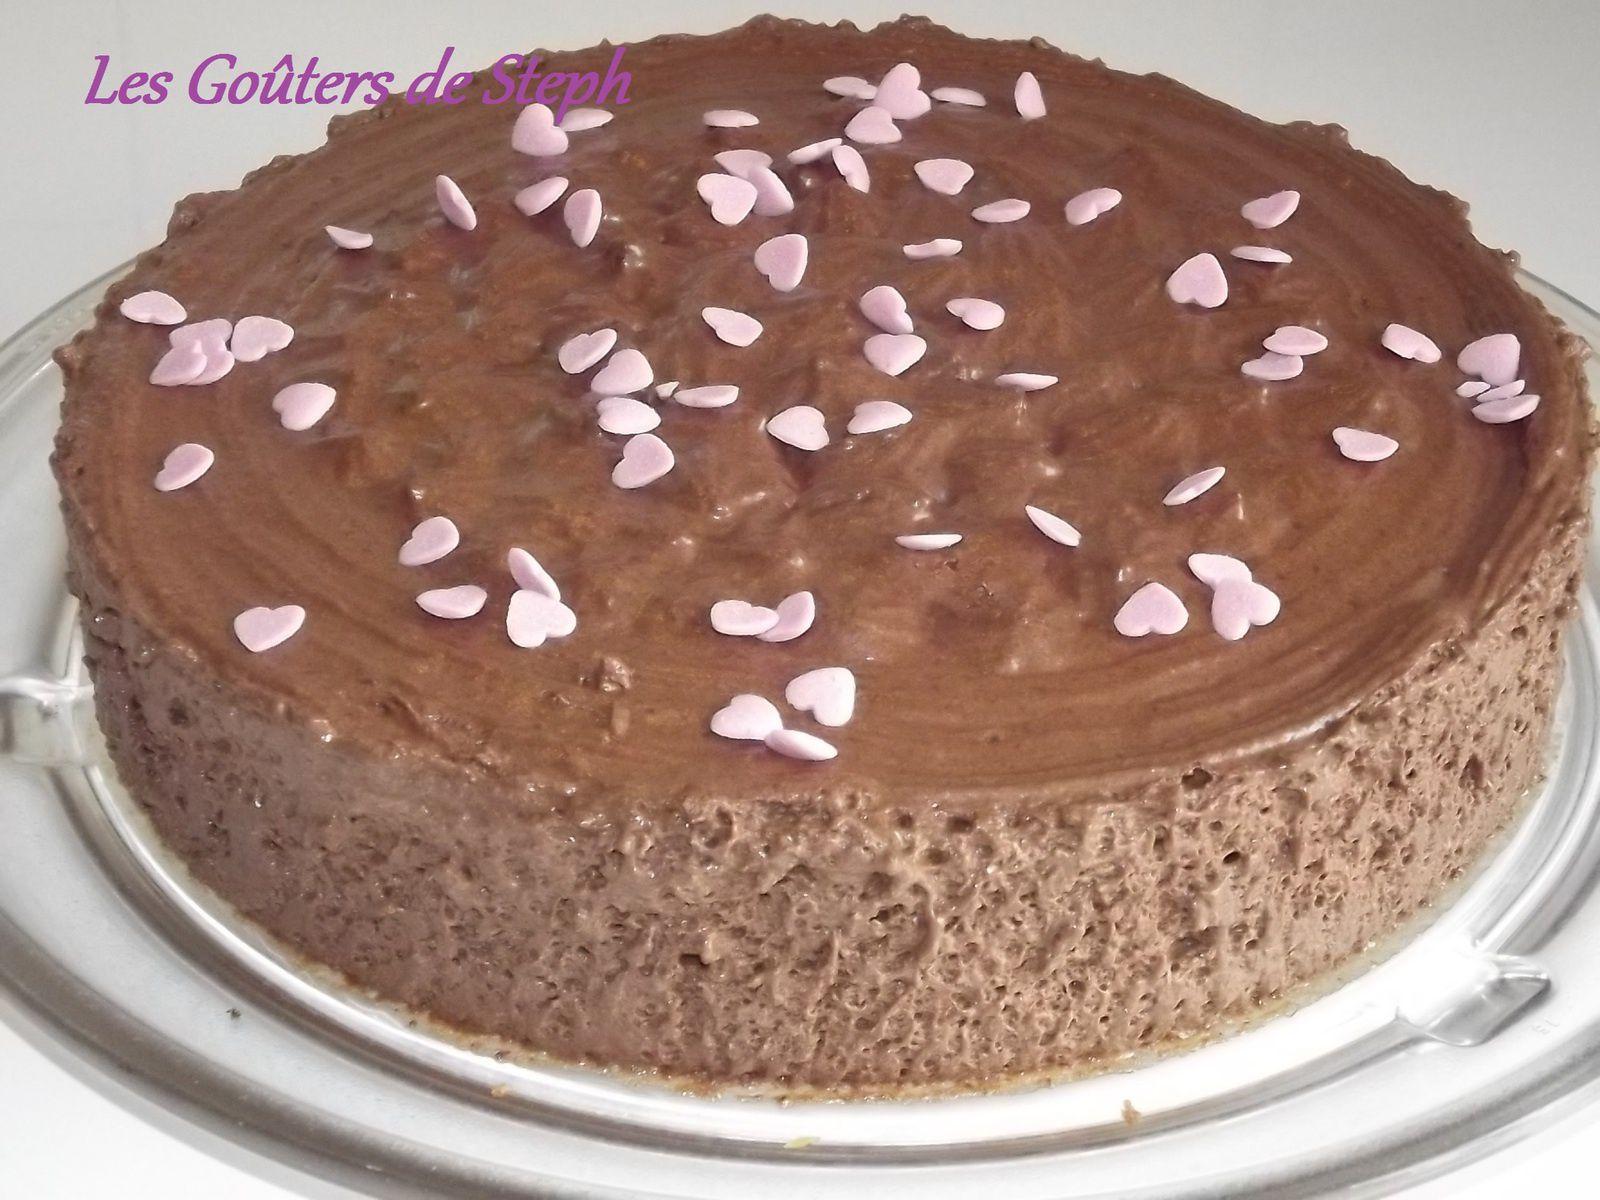 Gâteau mousse au chocolat et crème vanille